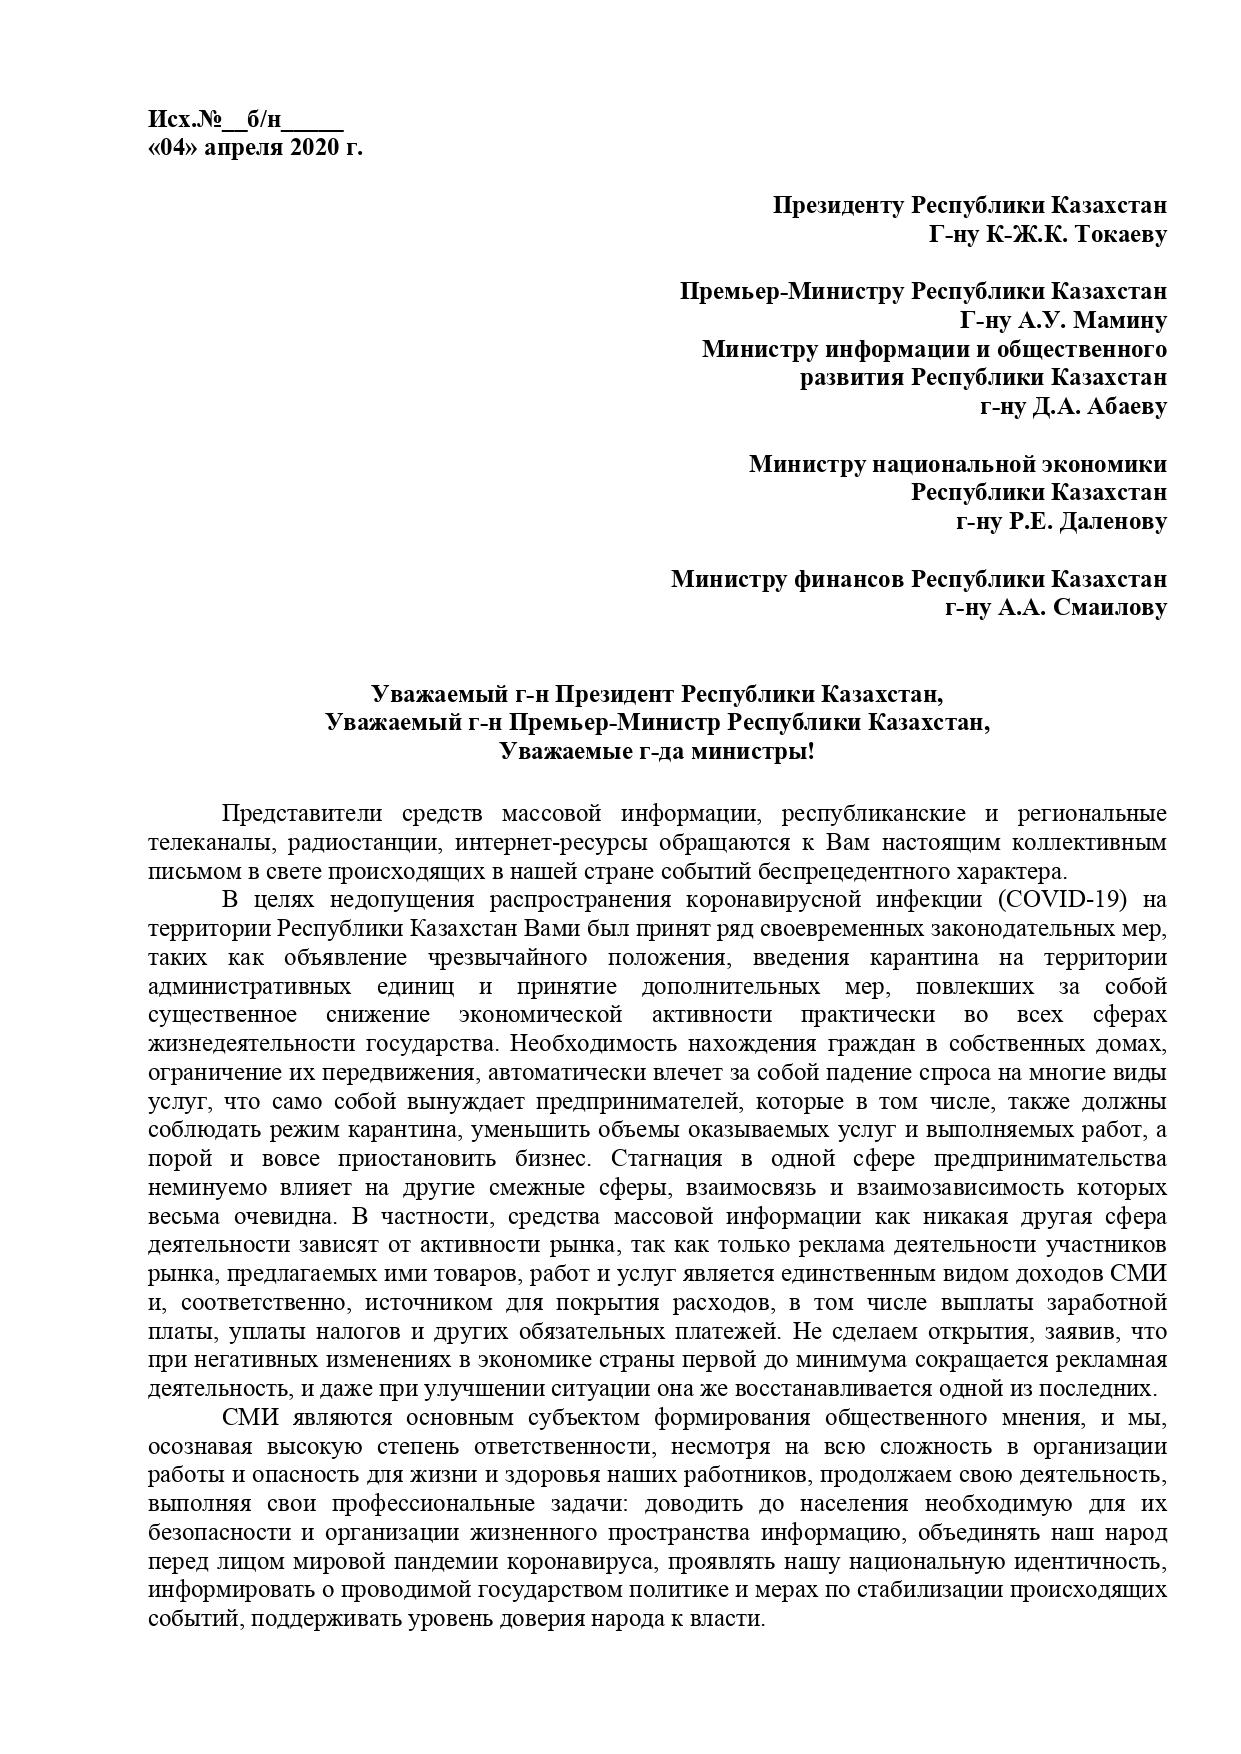 https://inbusiness.kz/ru/images/original/31/images/tsFi3JT5.jpg